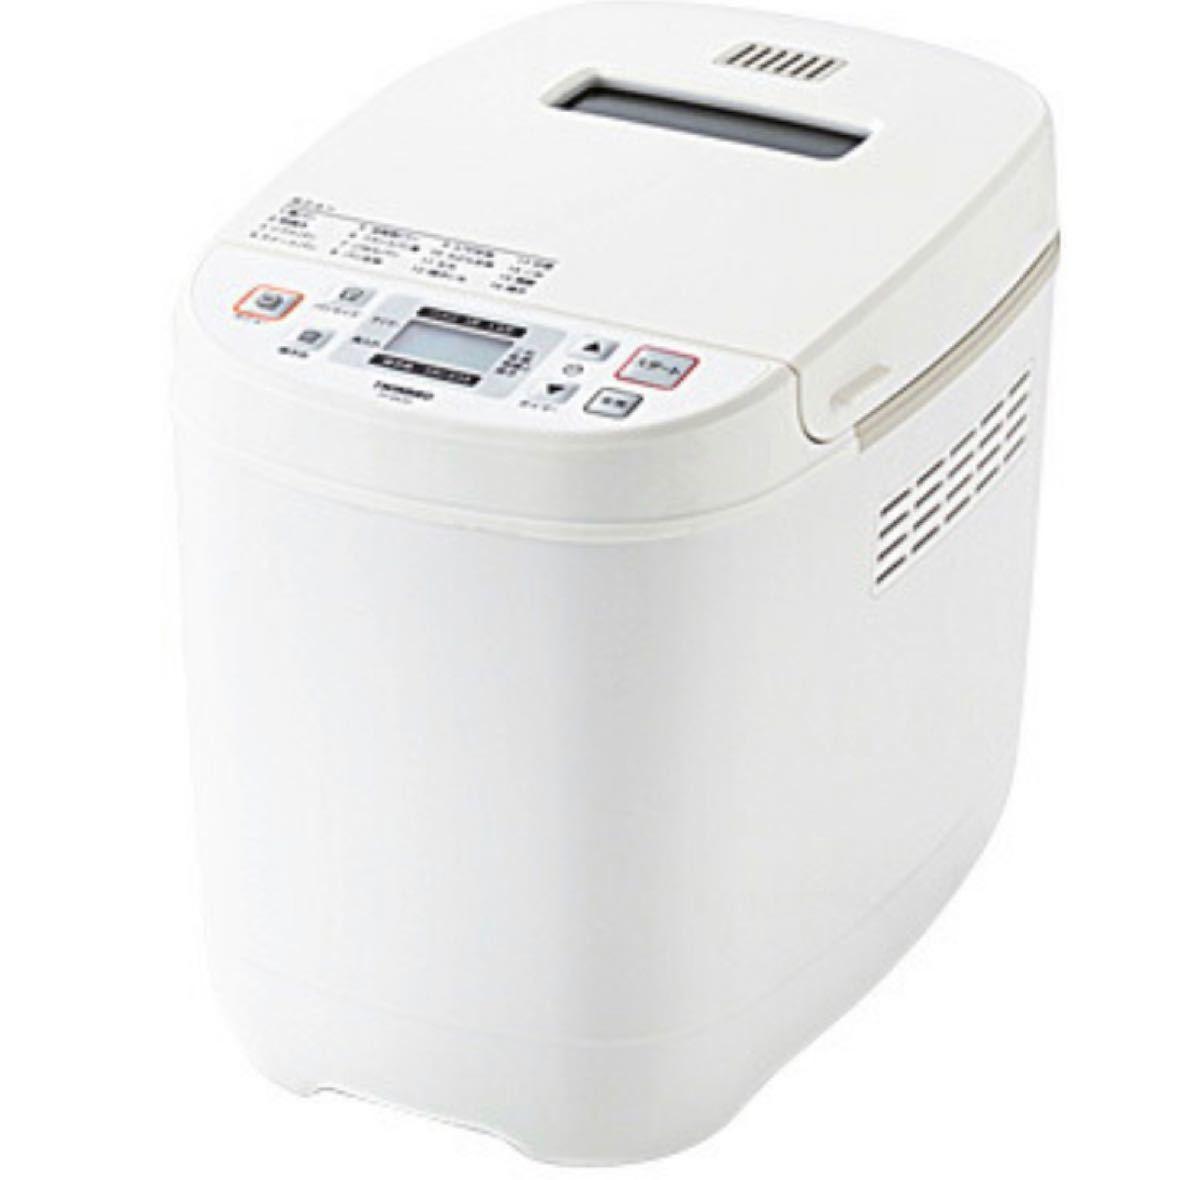 ツインバード ホームベーカリー 1斤/1.5斤対応 ホワイト PY-E635W